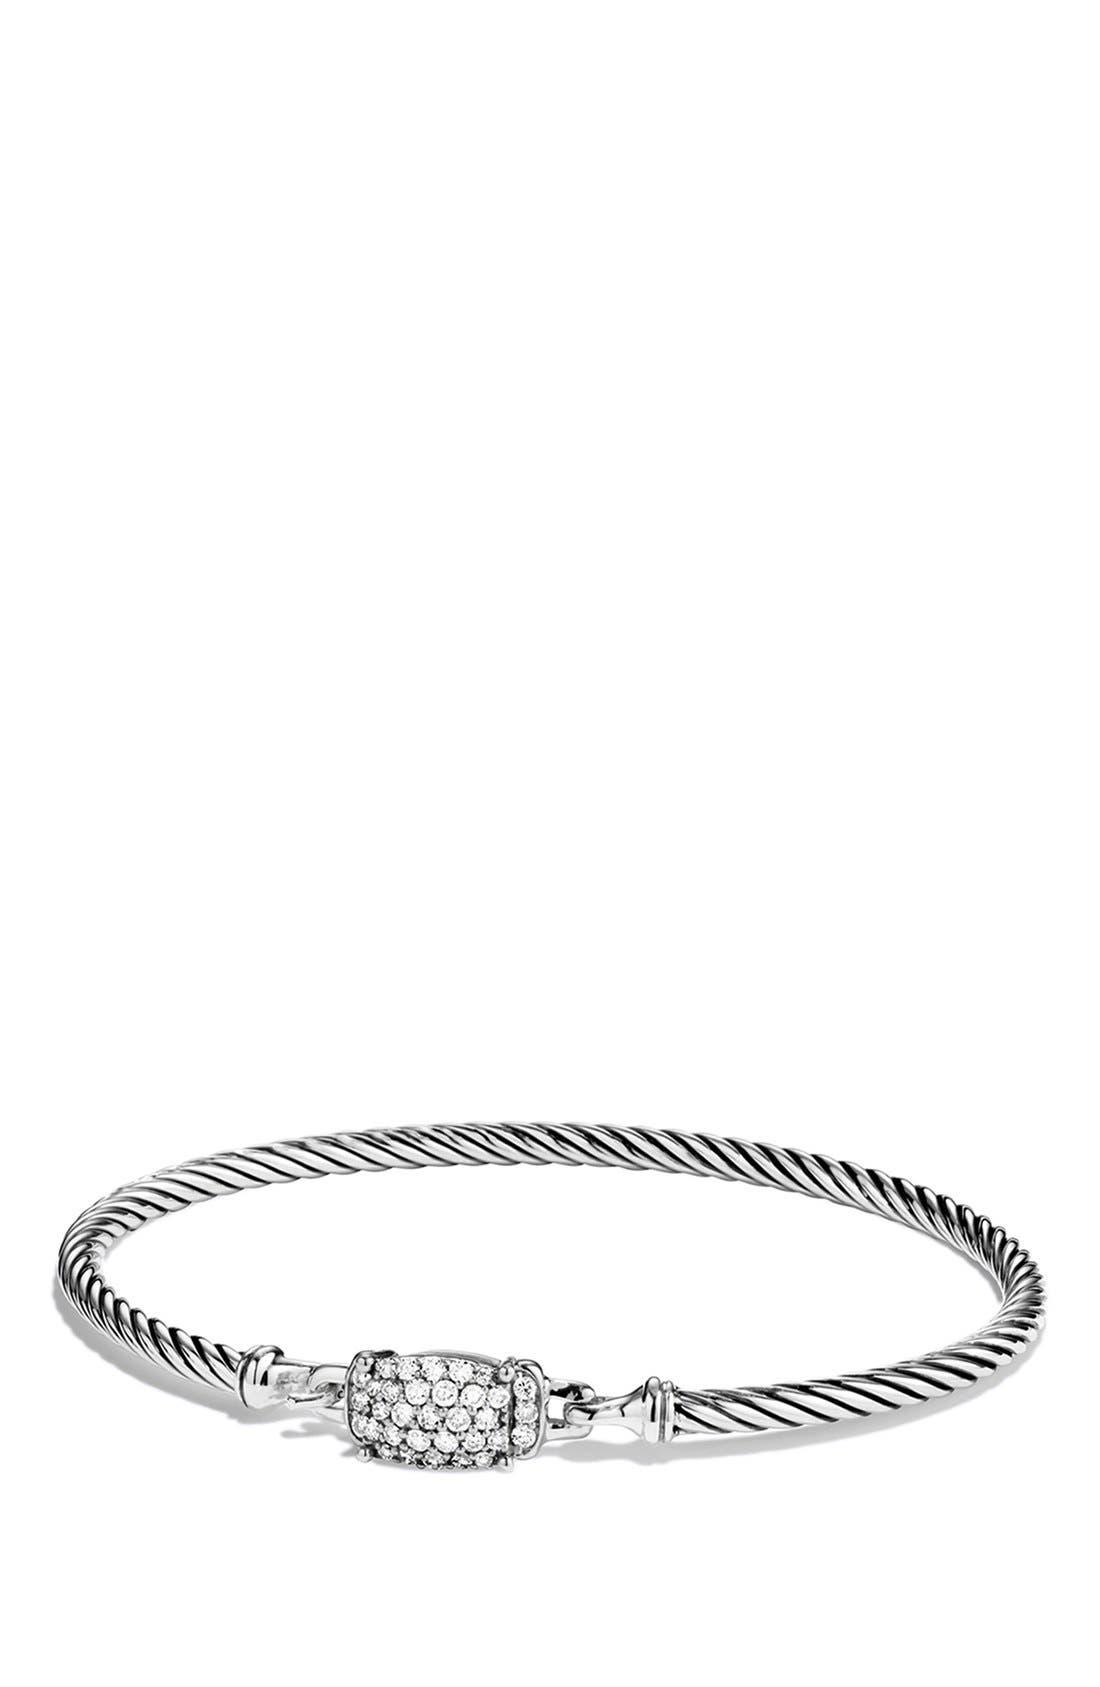 'Petite Wheaton' Bracelet with Diamonds,                         Main,                         color, DIAMOND